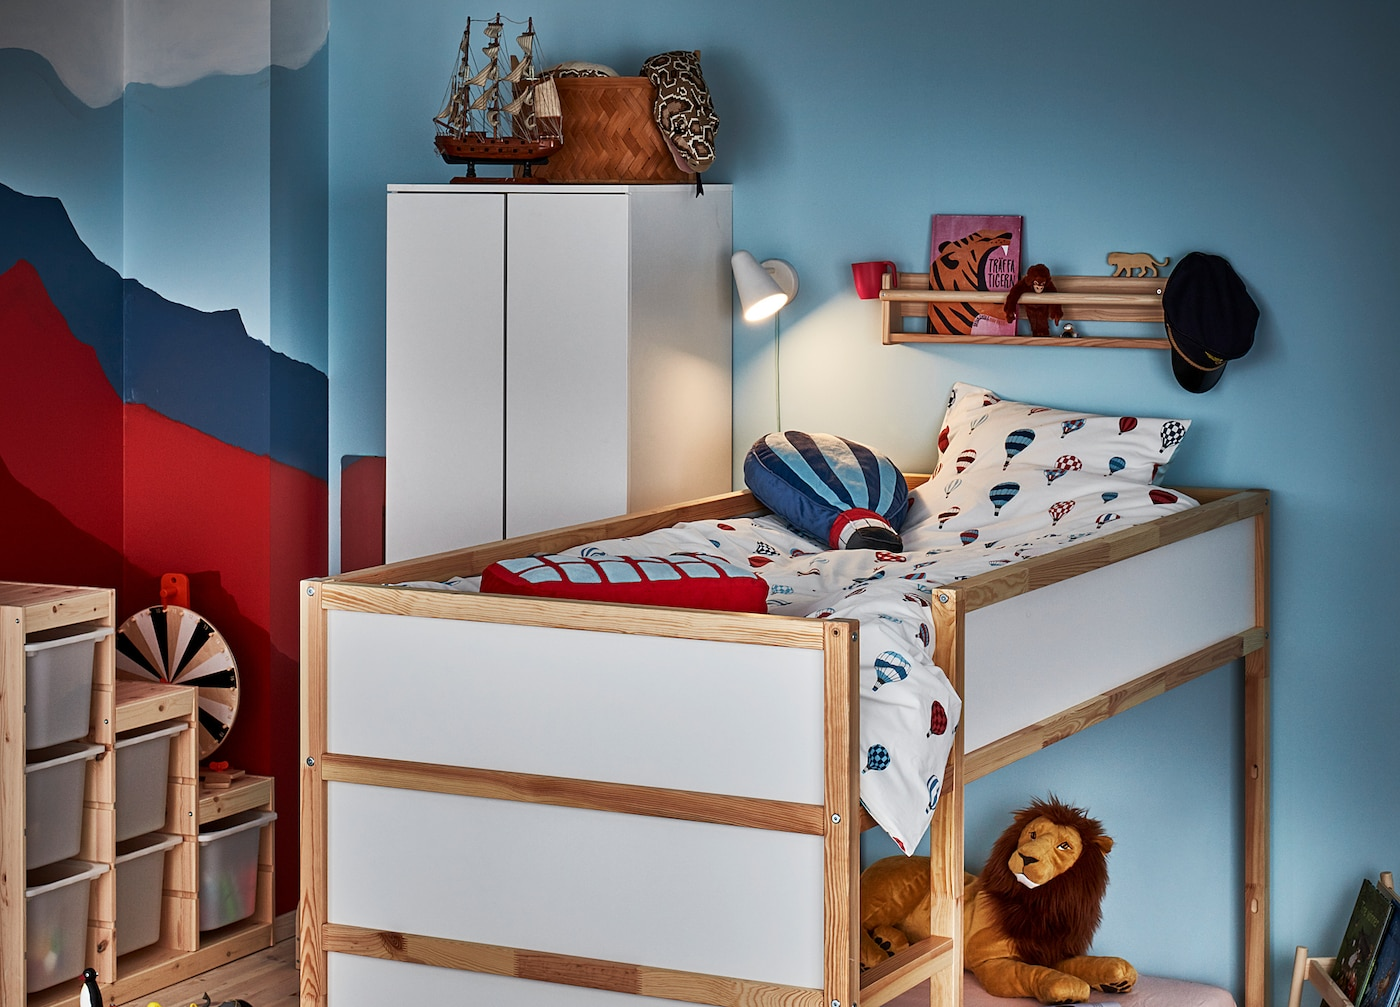 Full Size of Halbhohes Bett Ikea Mit Rutsche Schreibtisch Kura Umgedreht Wird Es Zum Hochbett Ganz Flexibel Komforthöhe Bette Badewannen Schubladen 180x200 Mädchen Luxus Wohnzimmer Halbhohes Bett Ikea